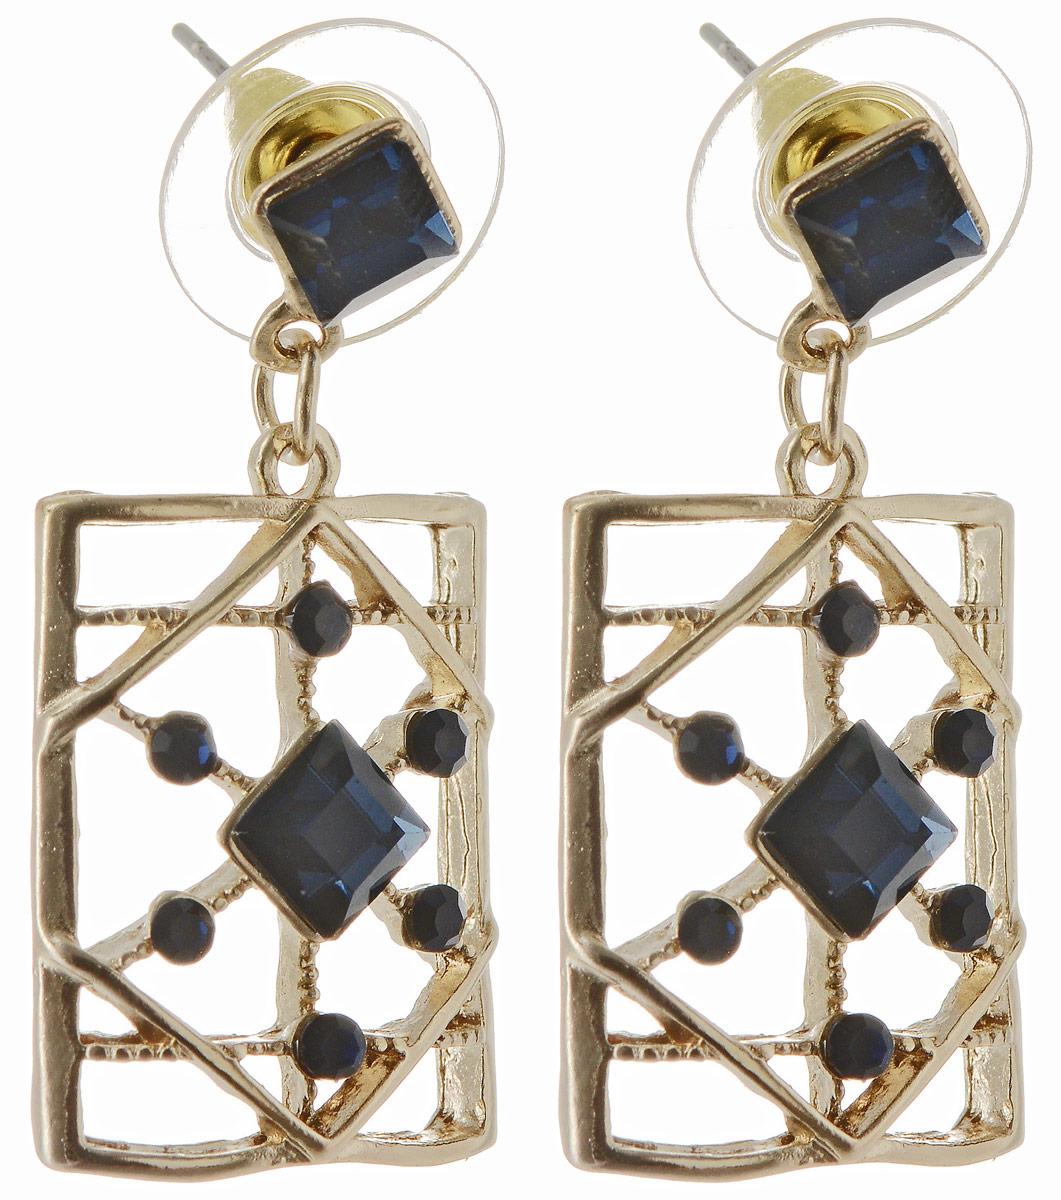 Серьги Taya, цвет: золотистый, темно-синий. T-B-12959Пуссеты (гвоздики)Серьги-гвоздики с темно-темно синими, почти черными, кристаллами, вплетенными в золотую решетку. Серьги выполнены под старину.